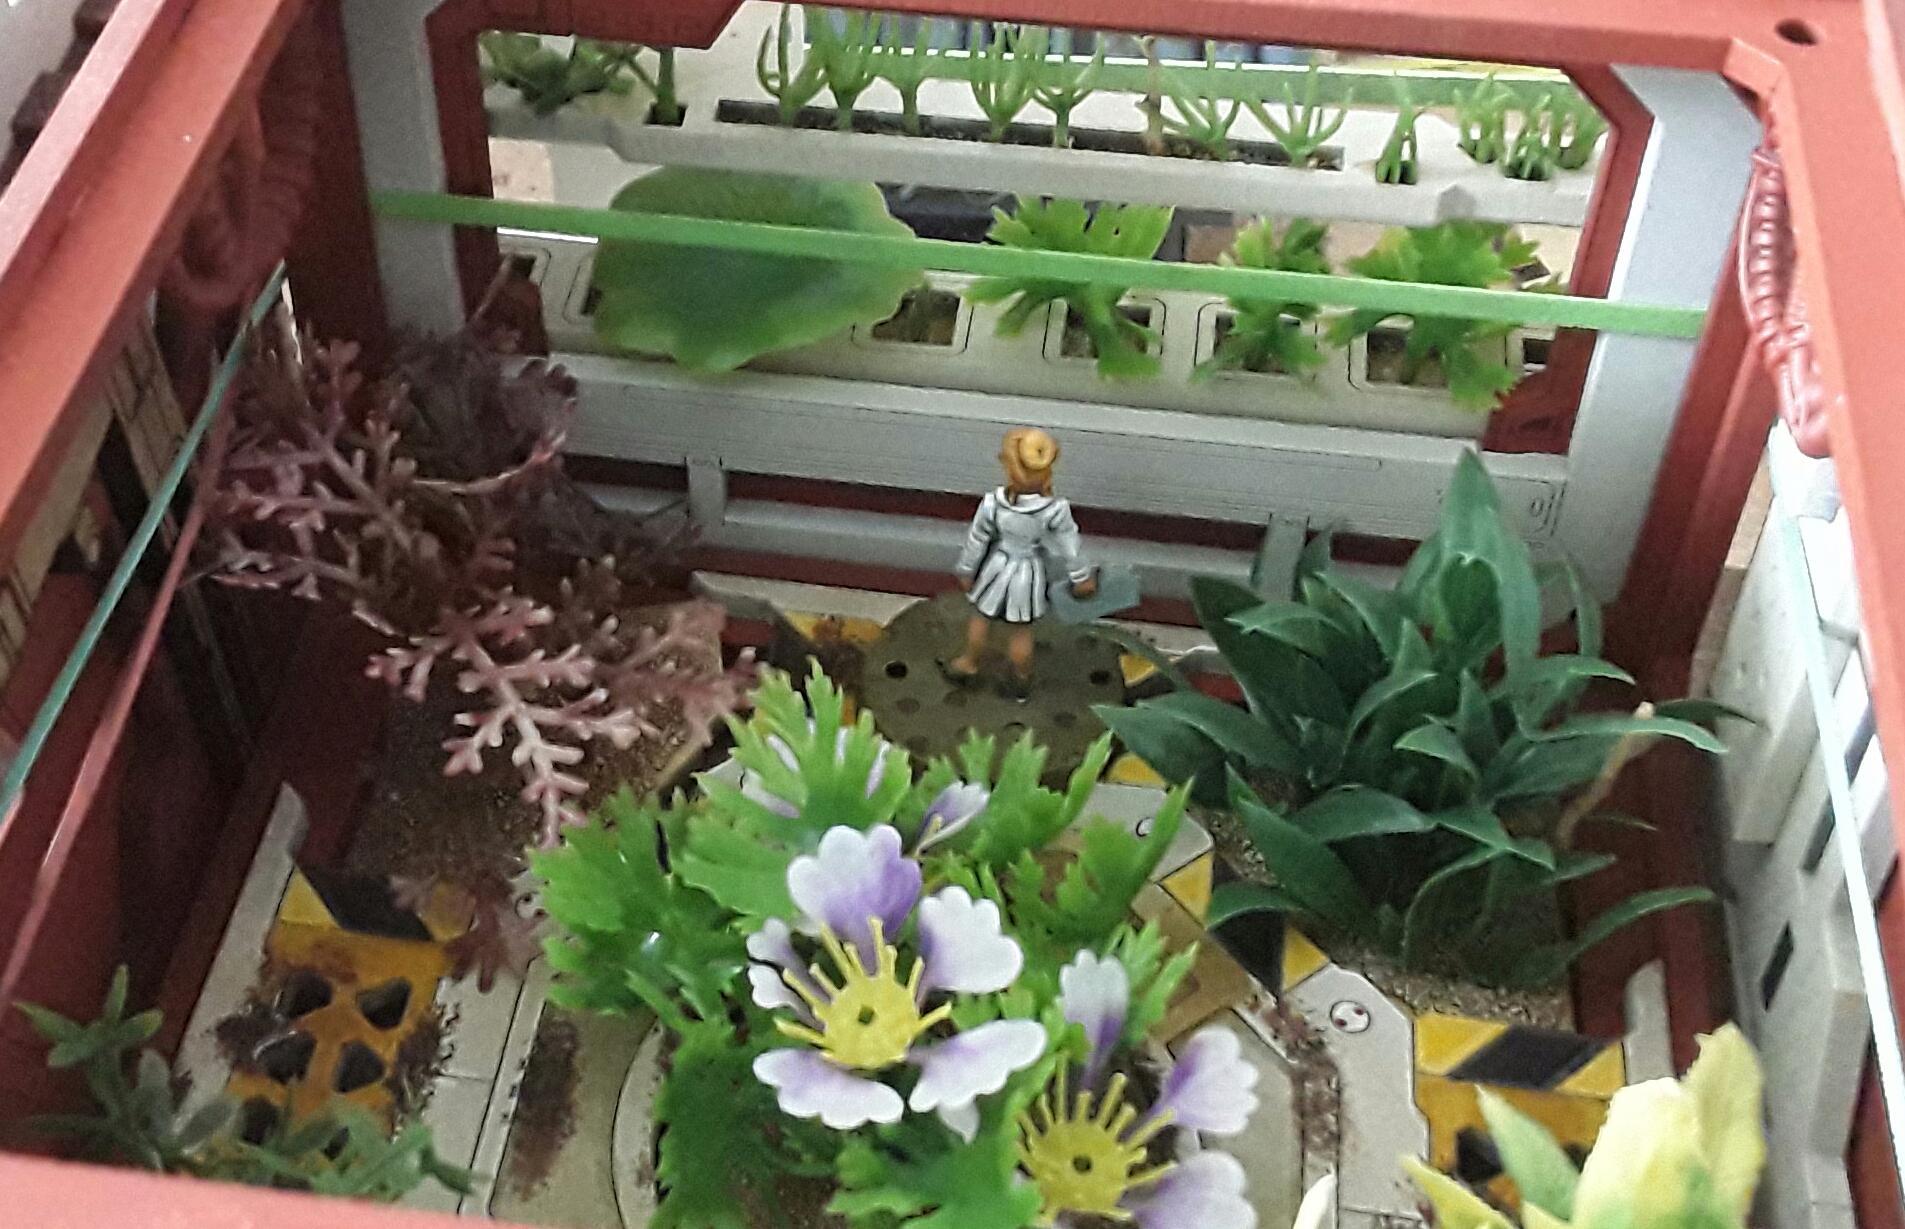 003f-Greenhouse.jpg.651e1ab4b337a5dc2be67ac4c222bfb7.jpg